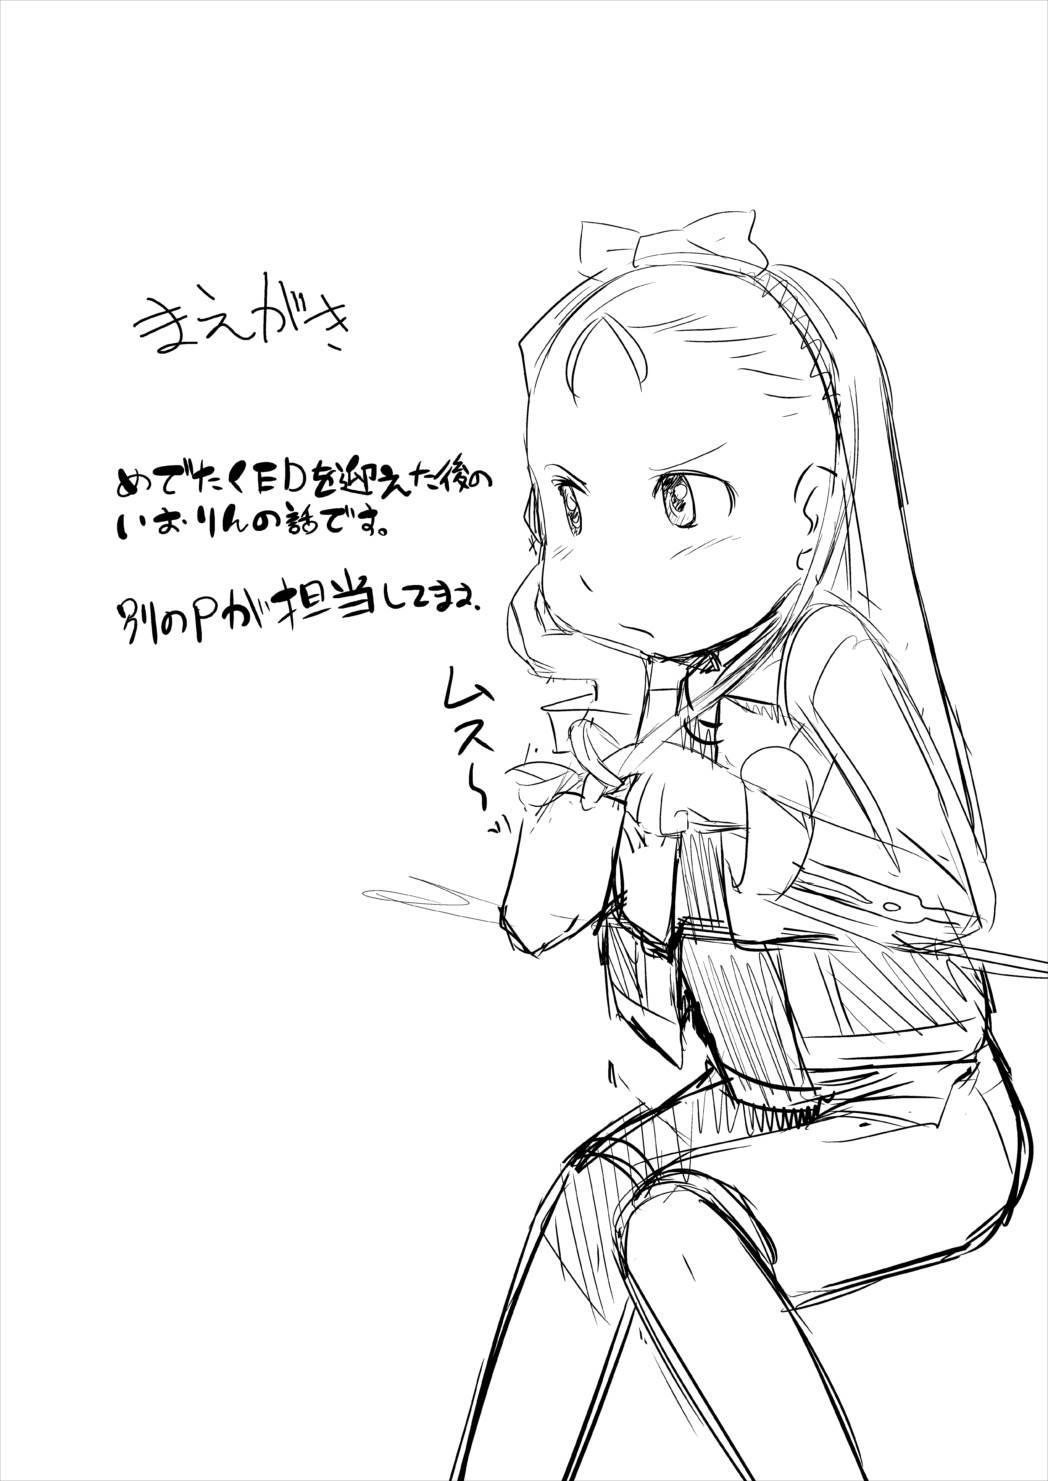 Mokomoko Spats 2